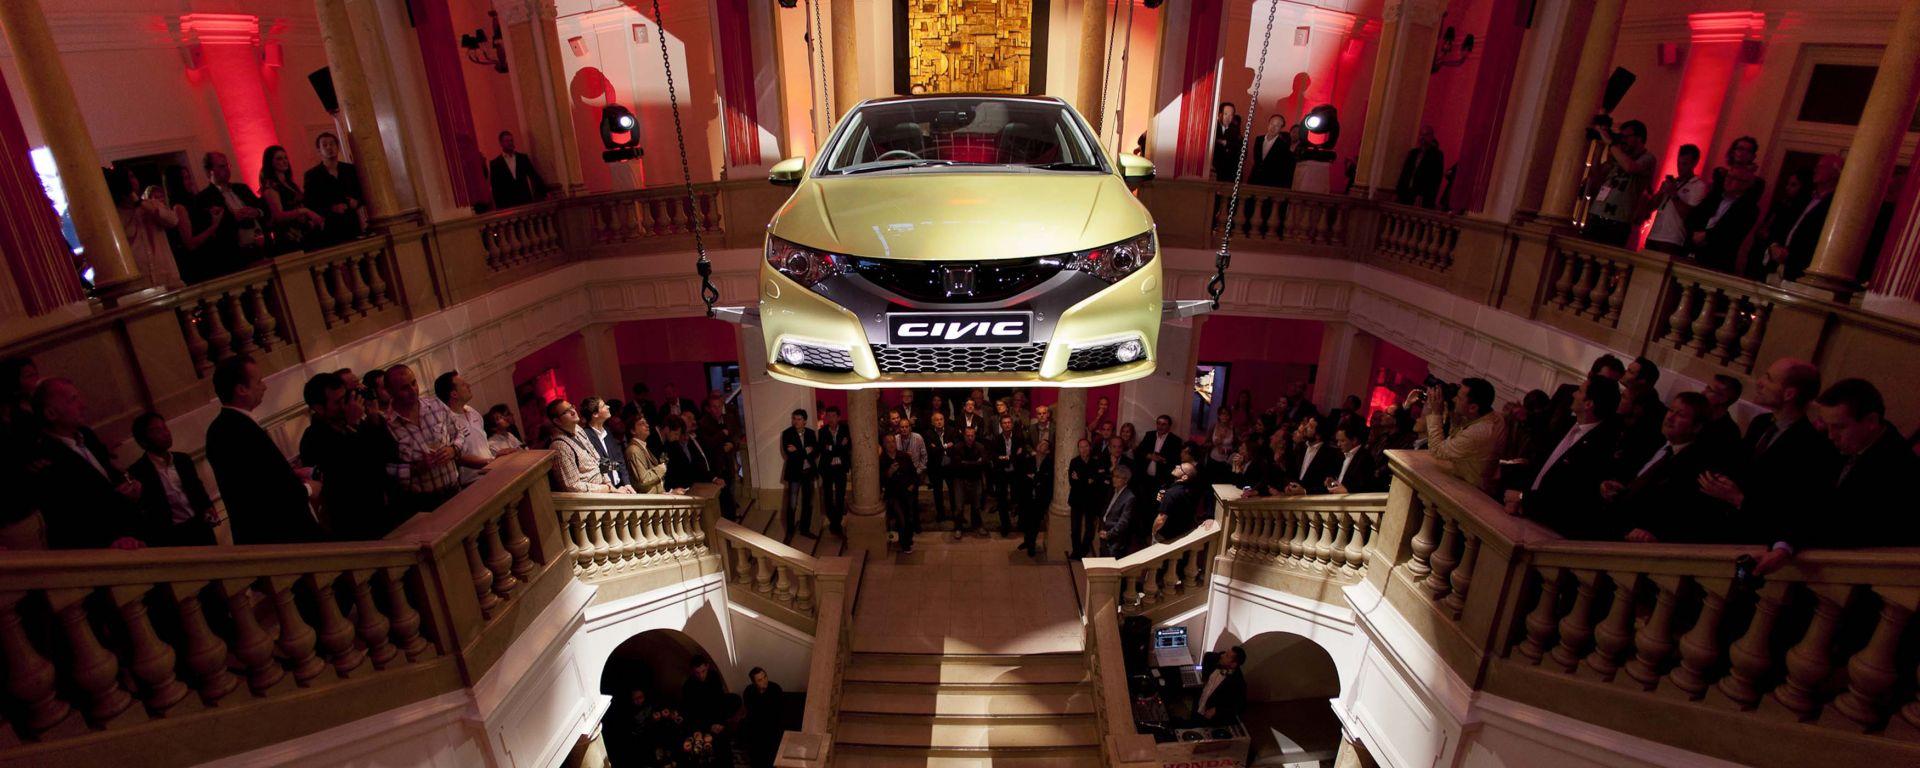 Honda Civic 2012: le prime foto ufficiali